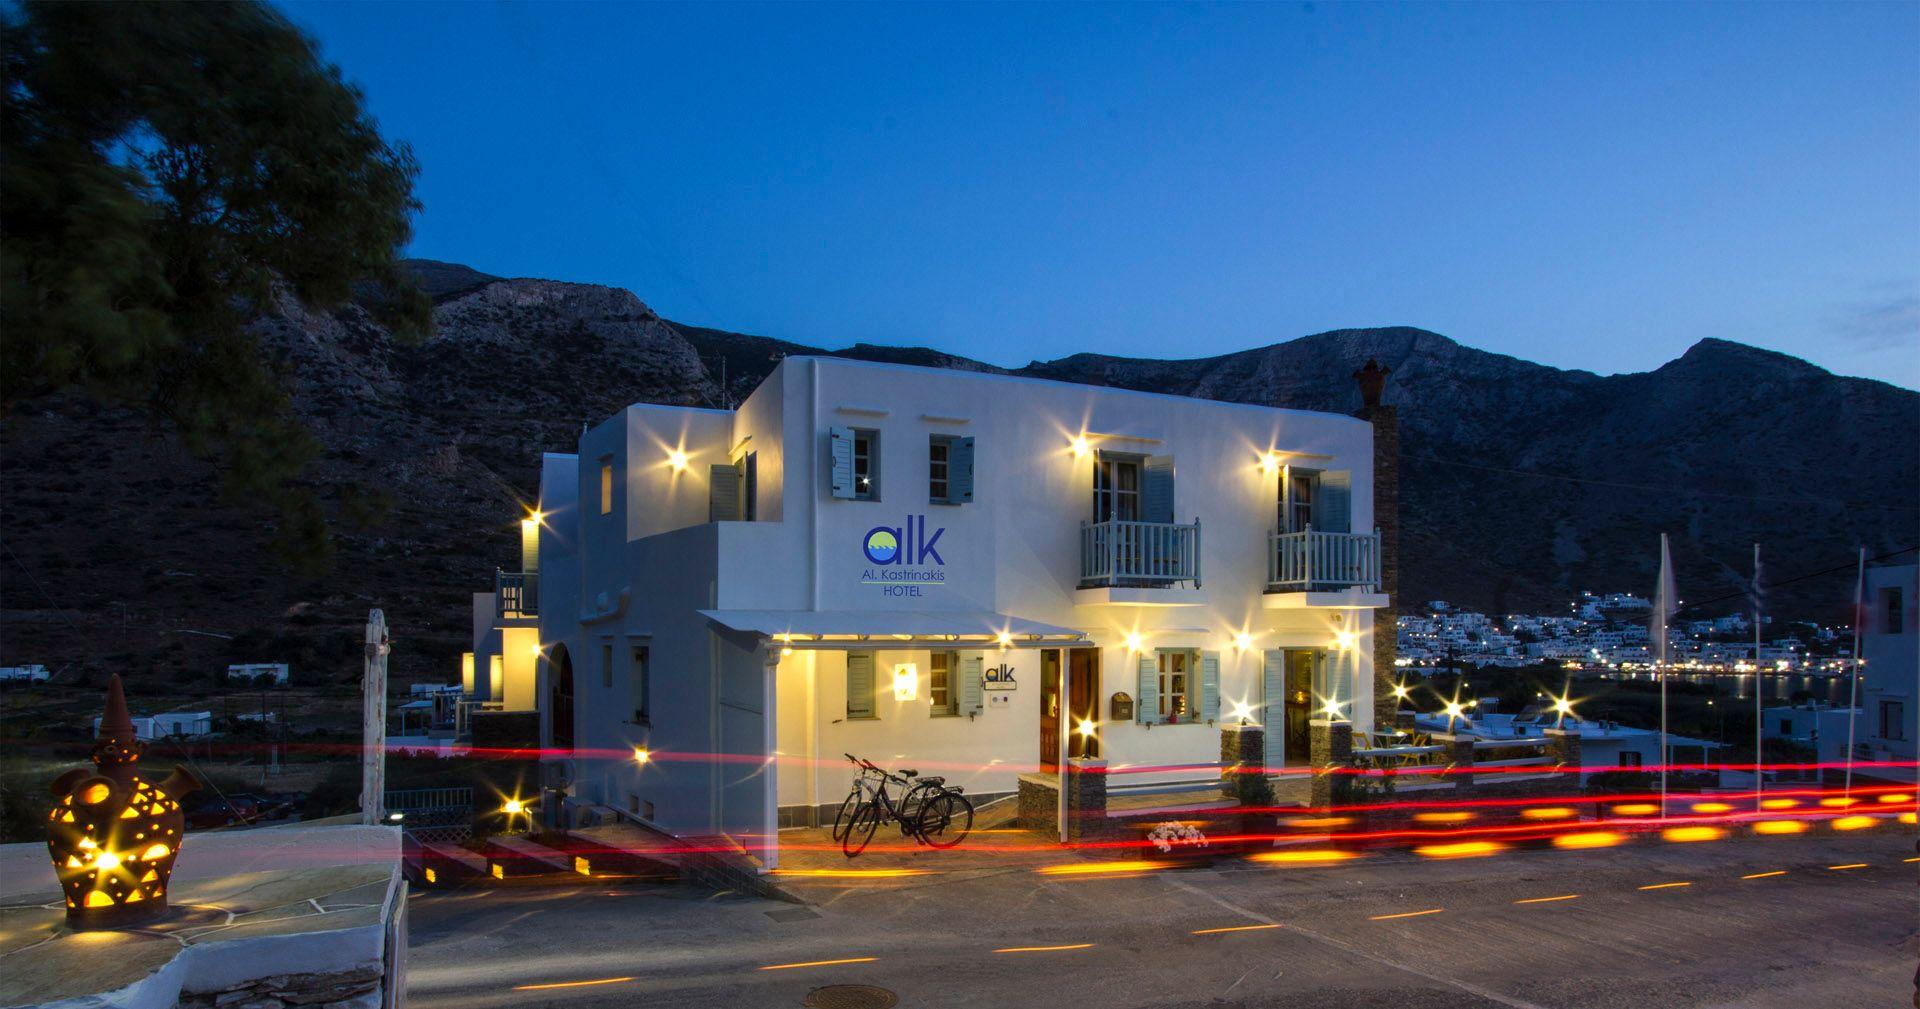 Alk Hotel Sifnos - Σίφνος ✦ 2 Ημέρες (1 Διανυκτέρευση) ✦ 2 άτομα ✦ Πρωινό ✦ 01/09/2020 έως 20/09/2020 ✦ Δωρεάν μεταφορά από/προς το αεροδρόμιο